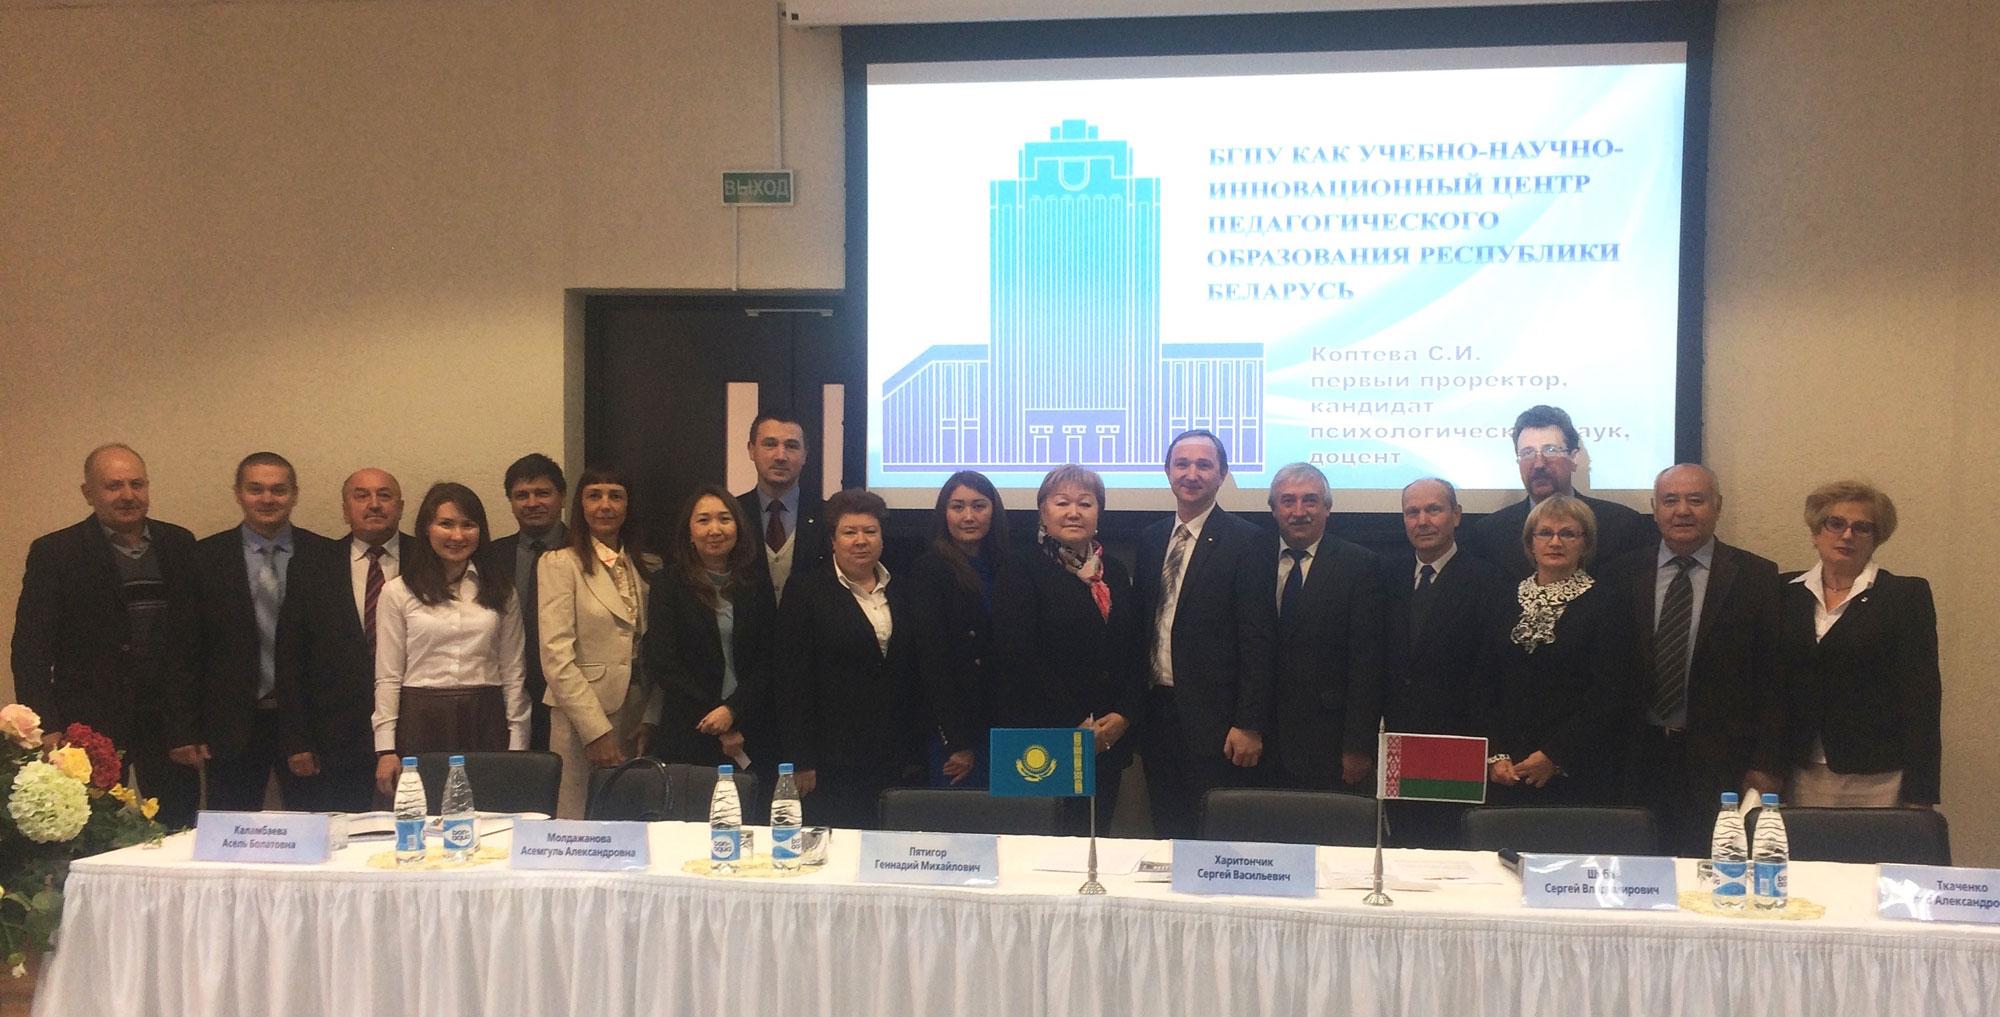 03-BGPU-prinyat-v-nauchno-obrazovatelnyy-konsortsium-mezhdu-vysshimi-uchebnymi-zavedeniyami-i-NII-Respubliki-Belarus-i-Respubliki-Kazakhstan